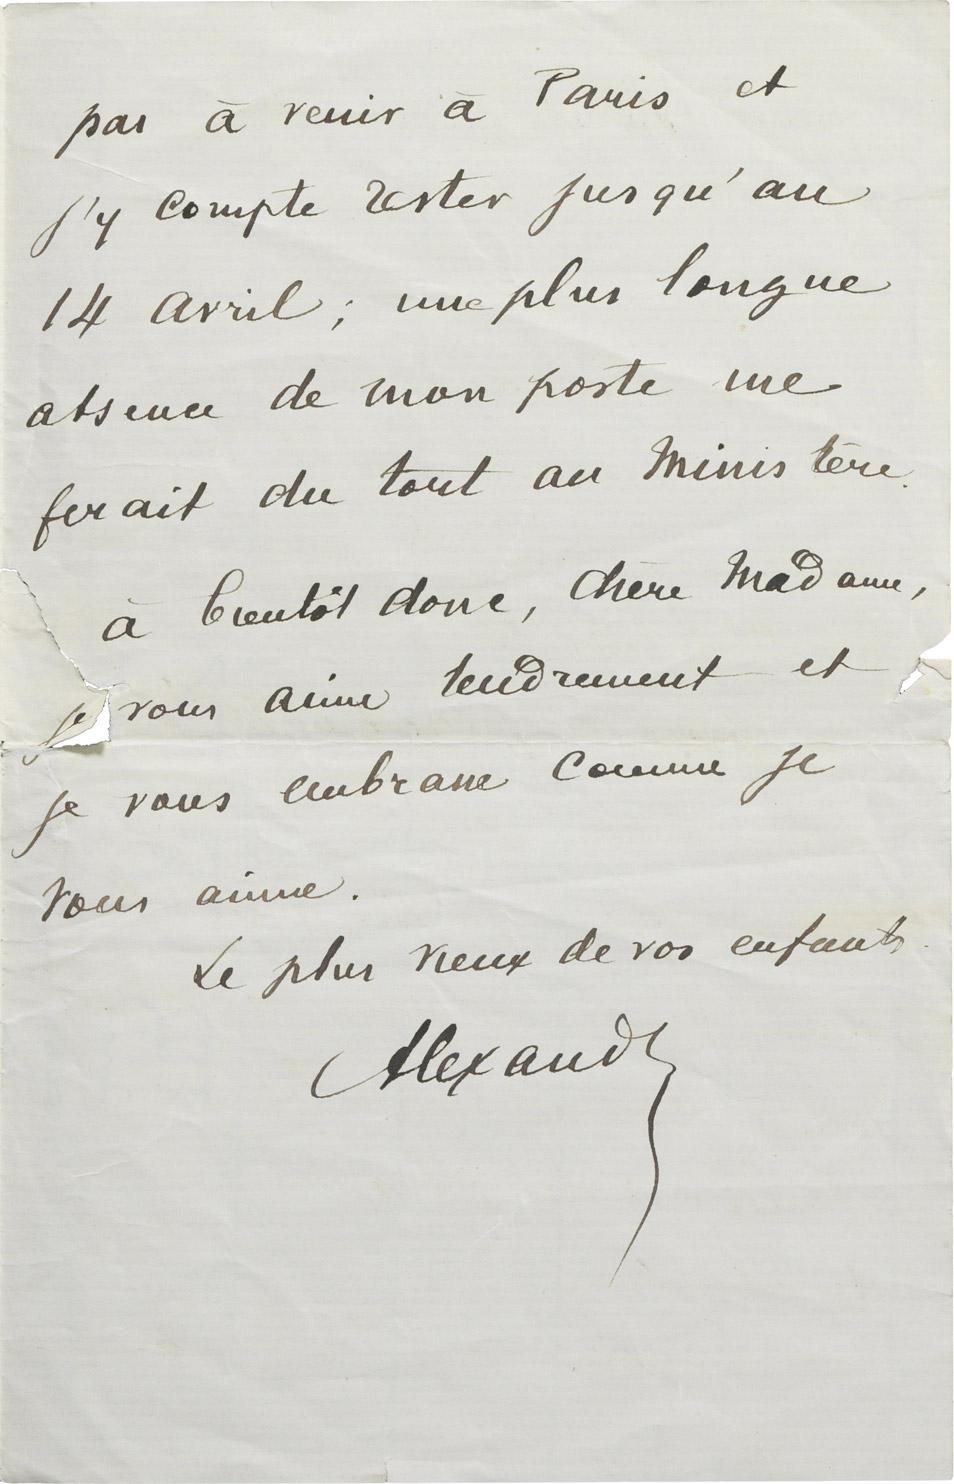 Lettre d'Alexandre II Walewski à la comtesse Walewska - Patrimoine Charles-André COLONNA WALEWSKI, en ligne directe de Napoléon